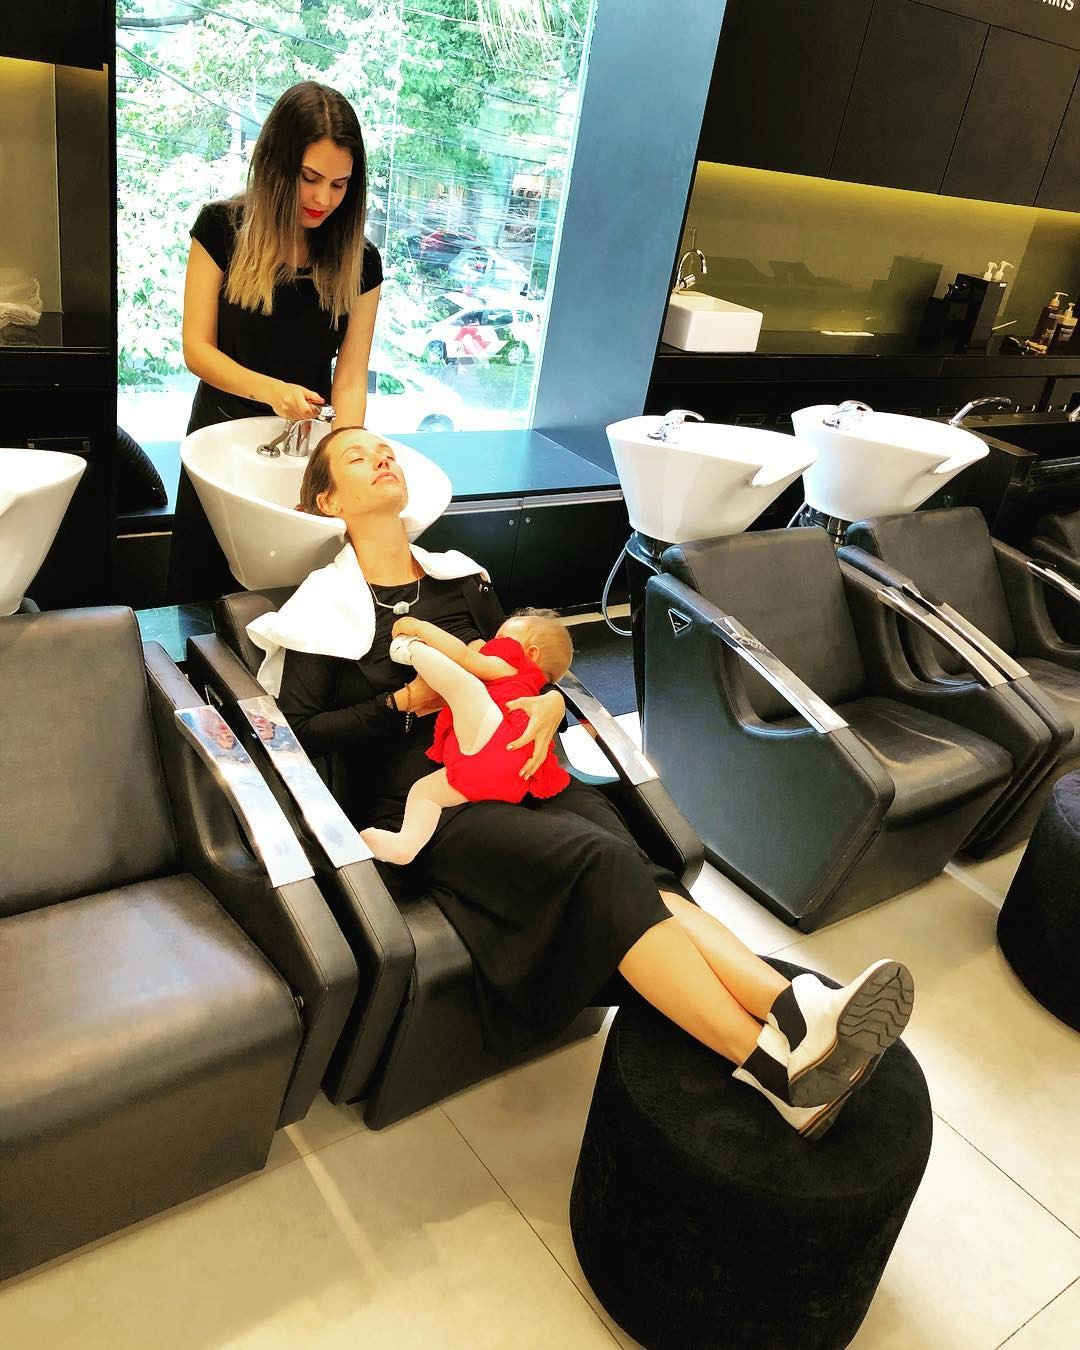 Juliana Didone vai ao salão com a filha (Foto: Reprodução Instagram)